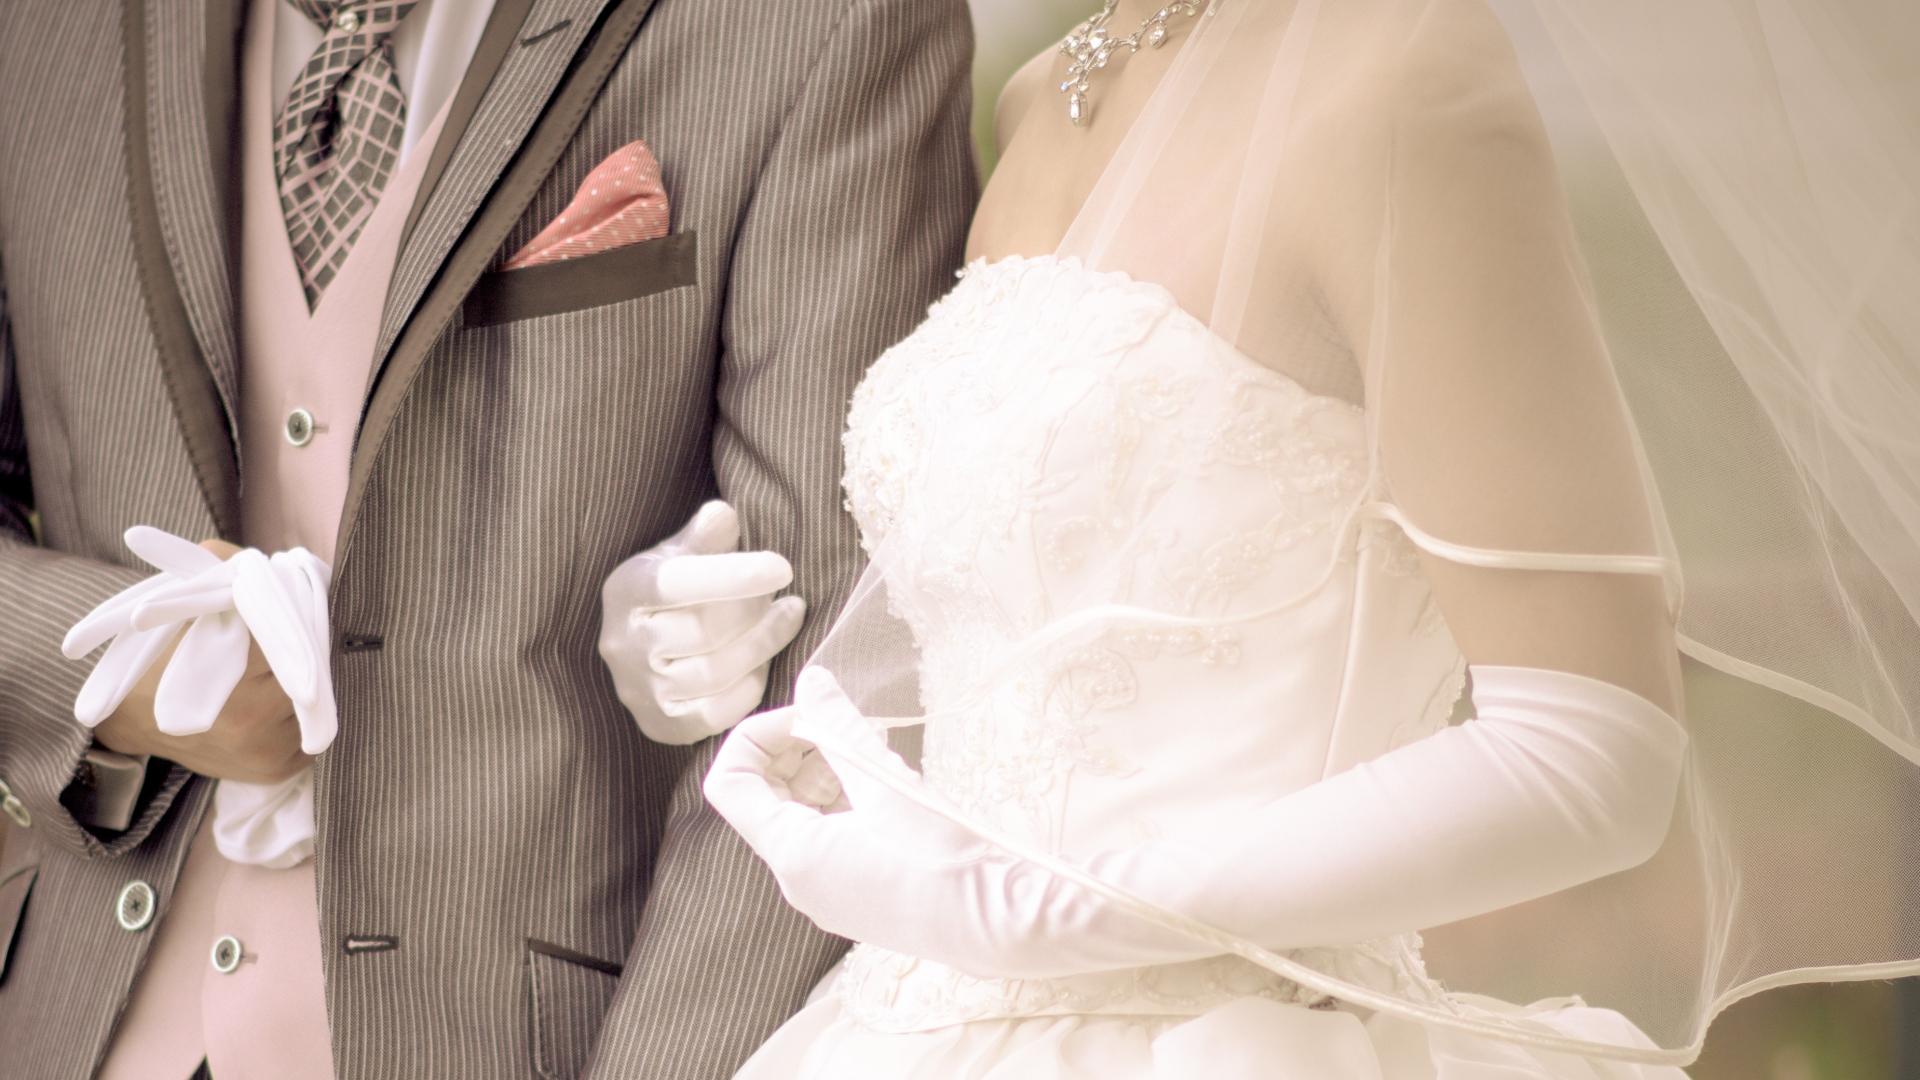 もう遅い!?30代から婚活を始めるメリット・デメリットとは?